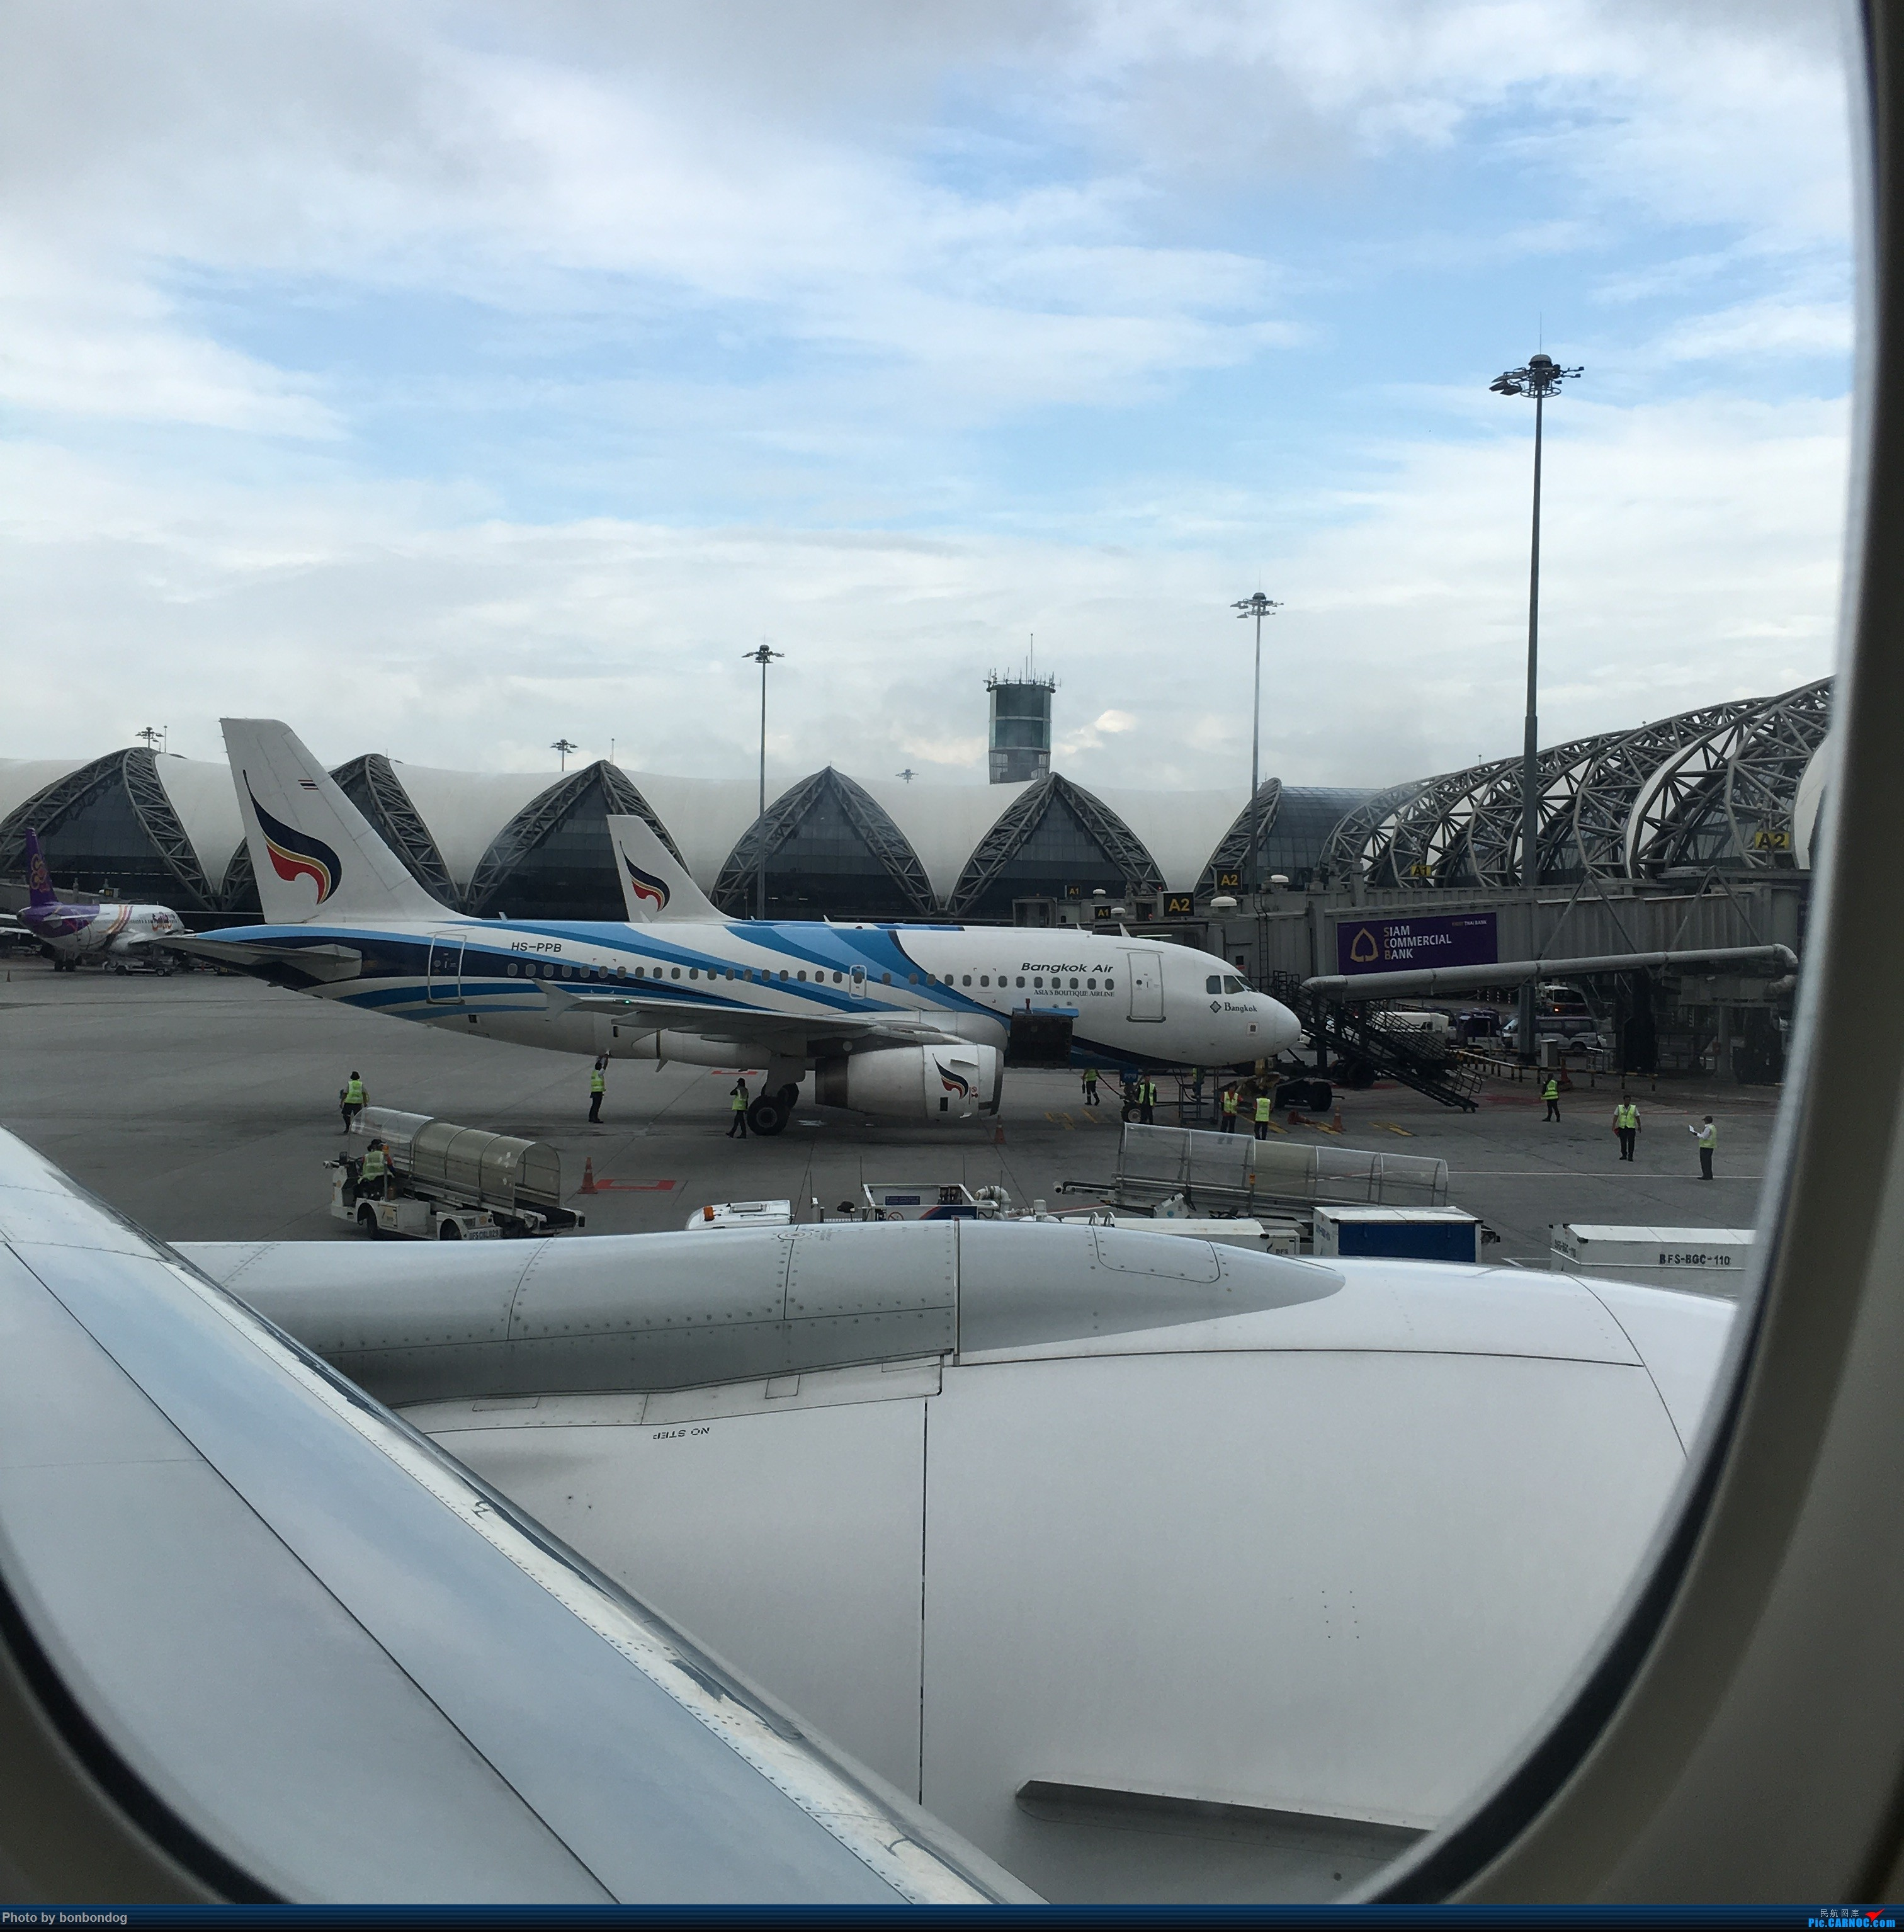 Re:[原创]不知道怎么贴多张图片,只好又来了 320 HS-PPB 泰国曼谷素万那普国际机场